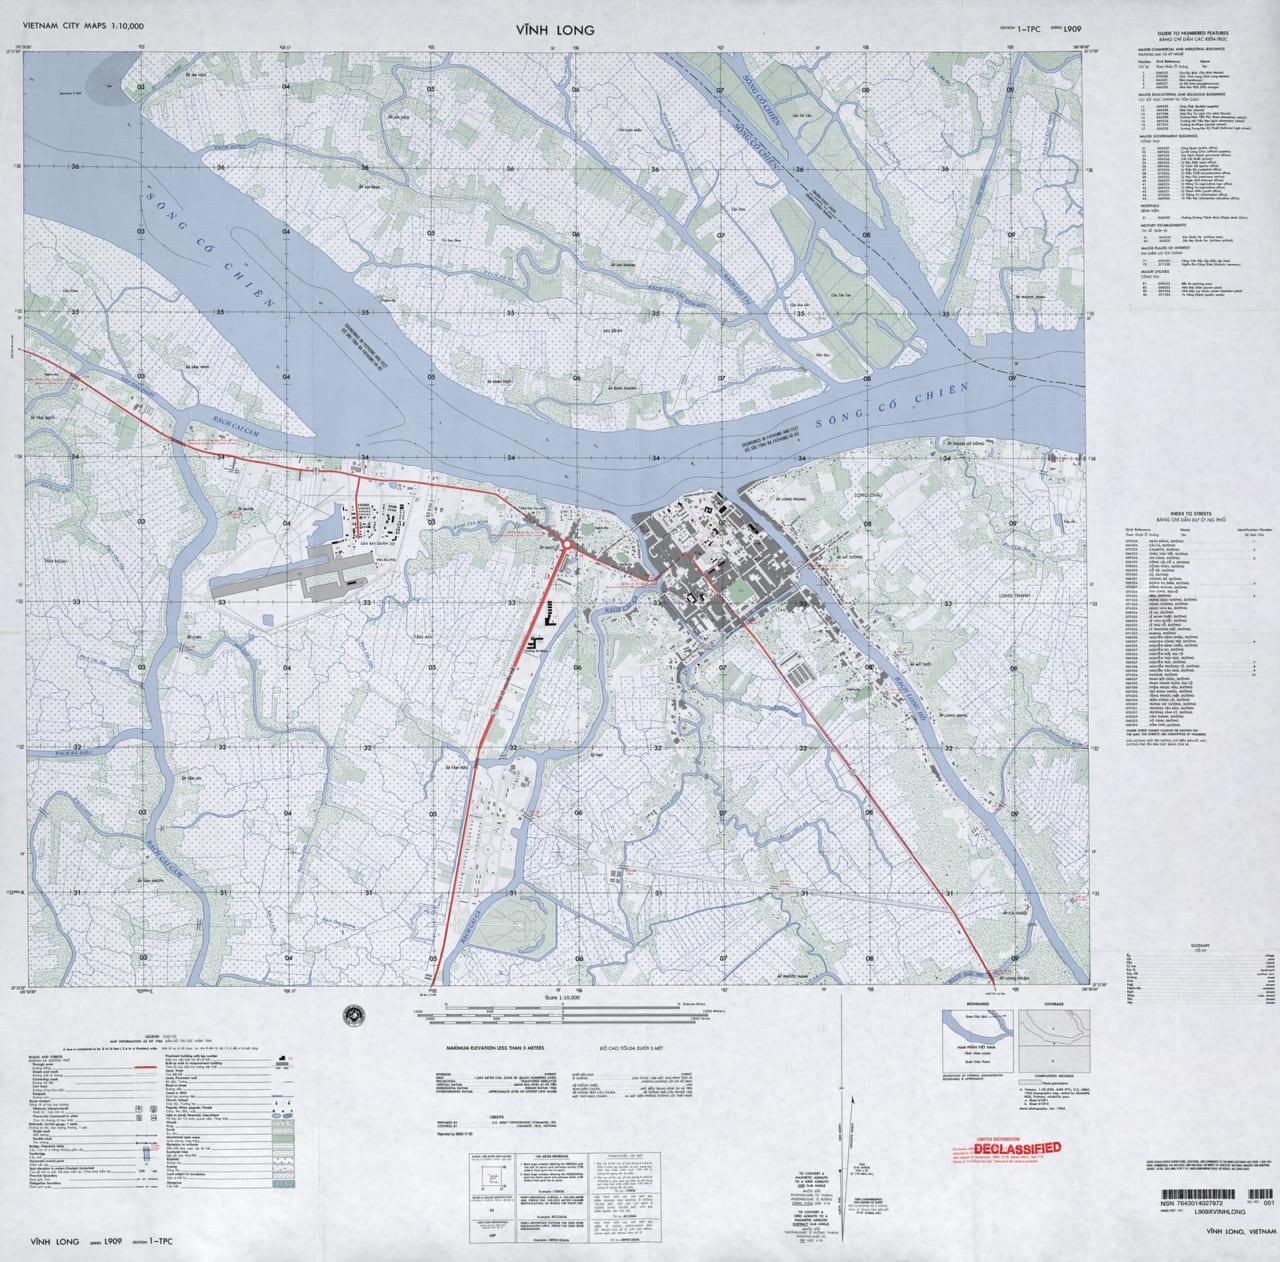 Bản đồ phân loại tỉnh Vĩnh Long năm 1966 - Tỷ lệ 110.000)